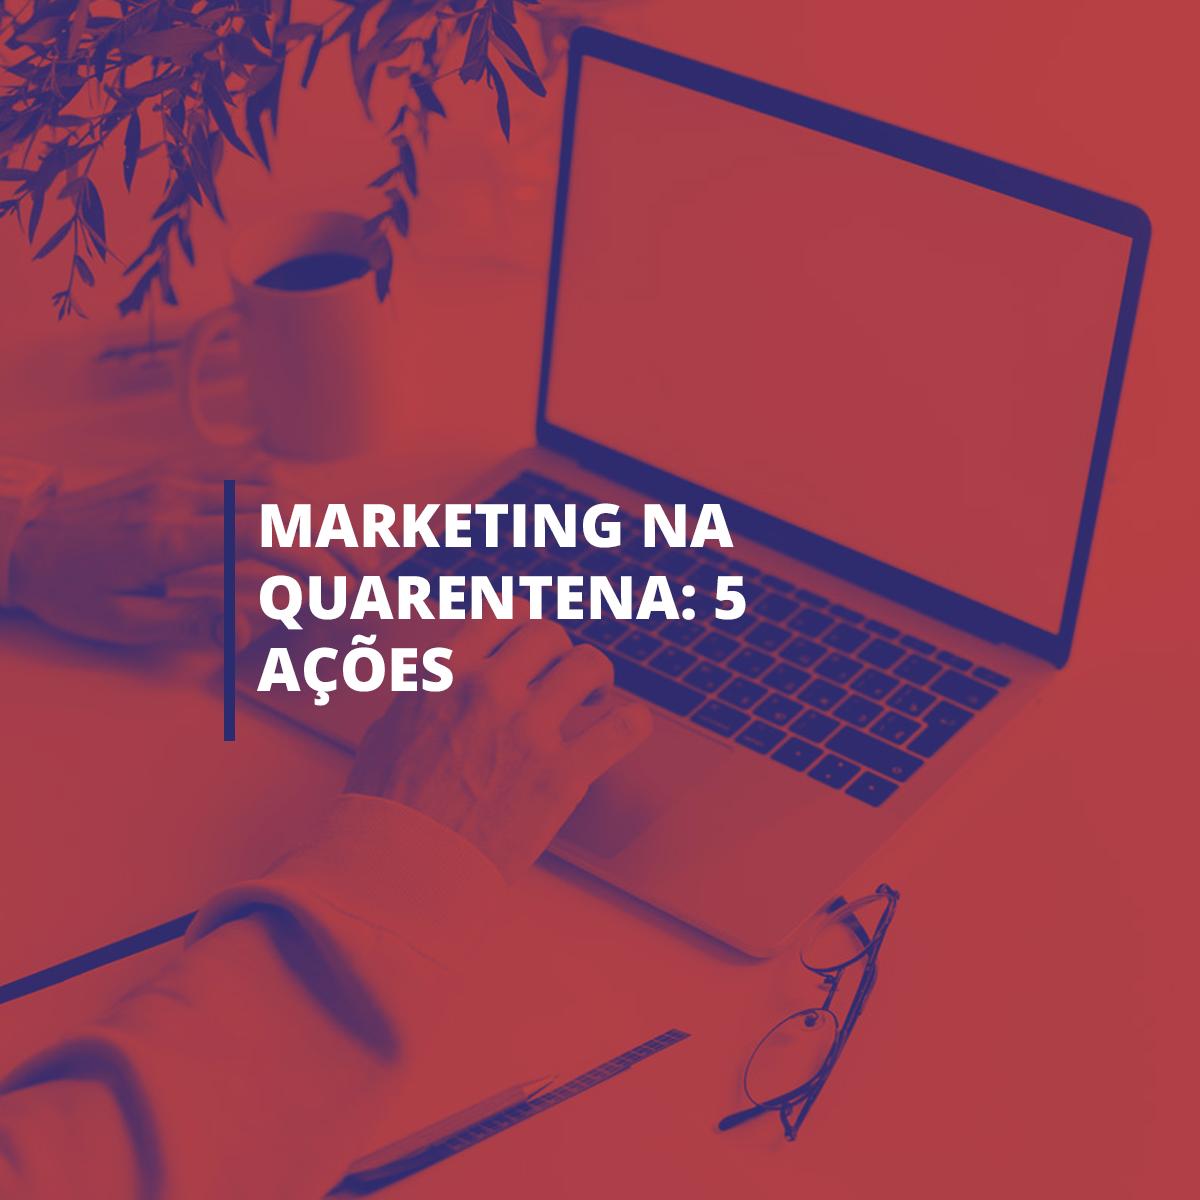 Marketing na quarentena: 5 ações para executar